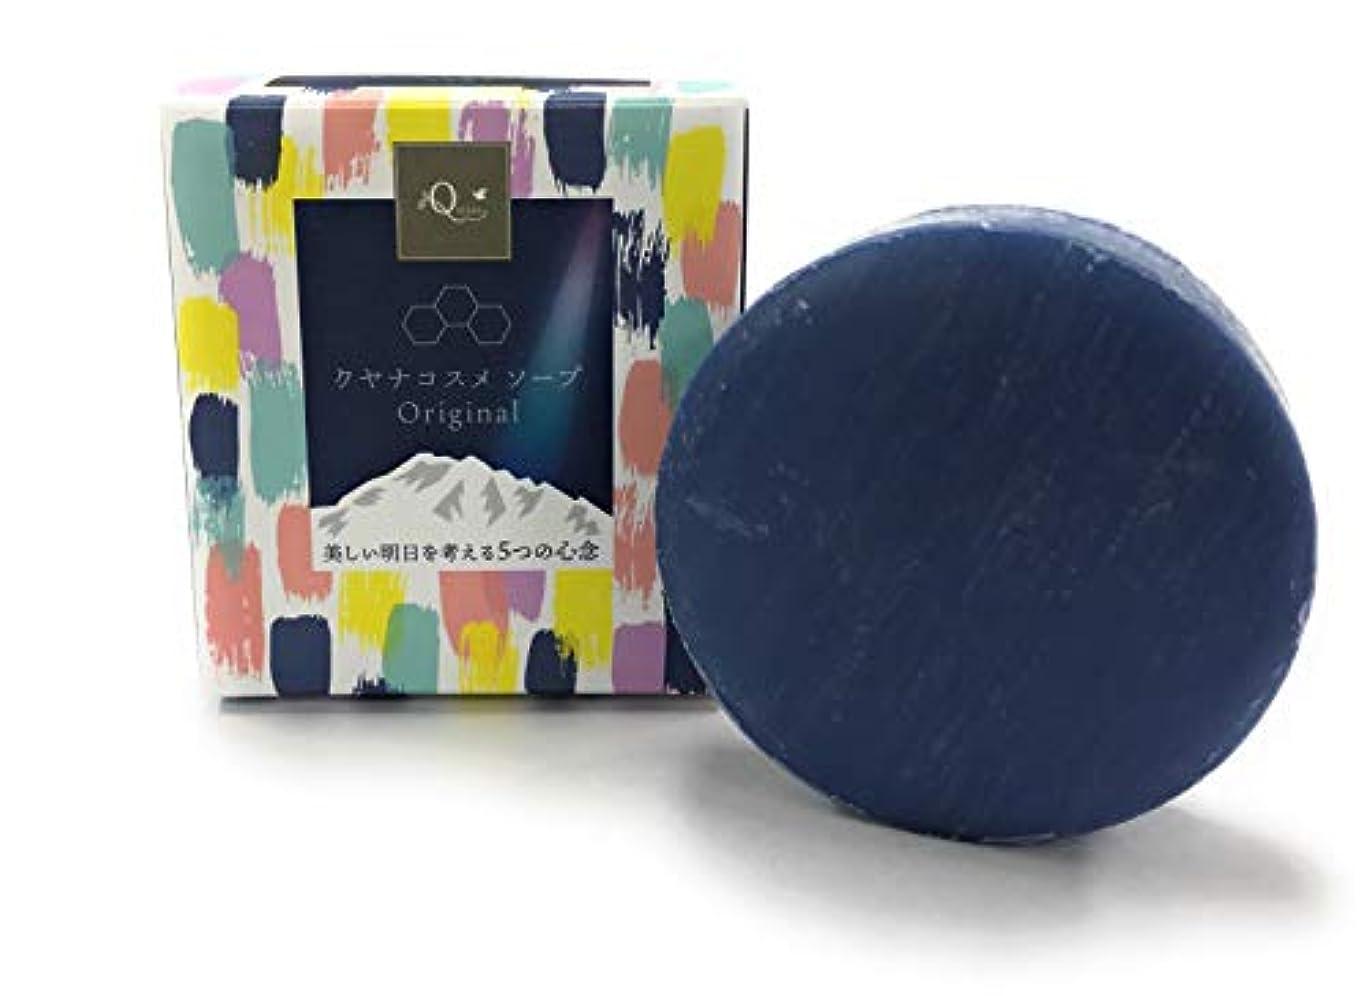 二引き出す早めるクヤナ クヤナソープ 洗顔石鹸 はちみつ 自然の成分で洗う優しいせっけん 90g